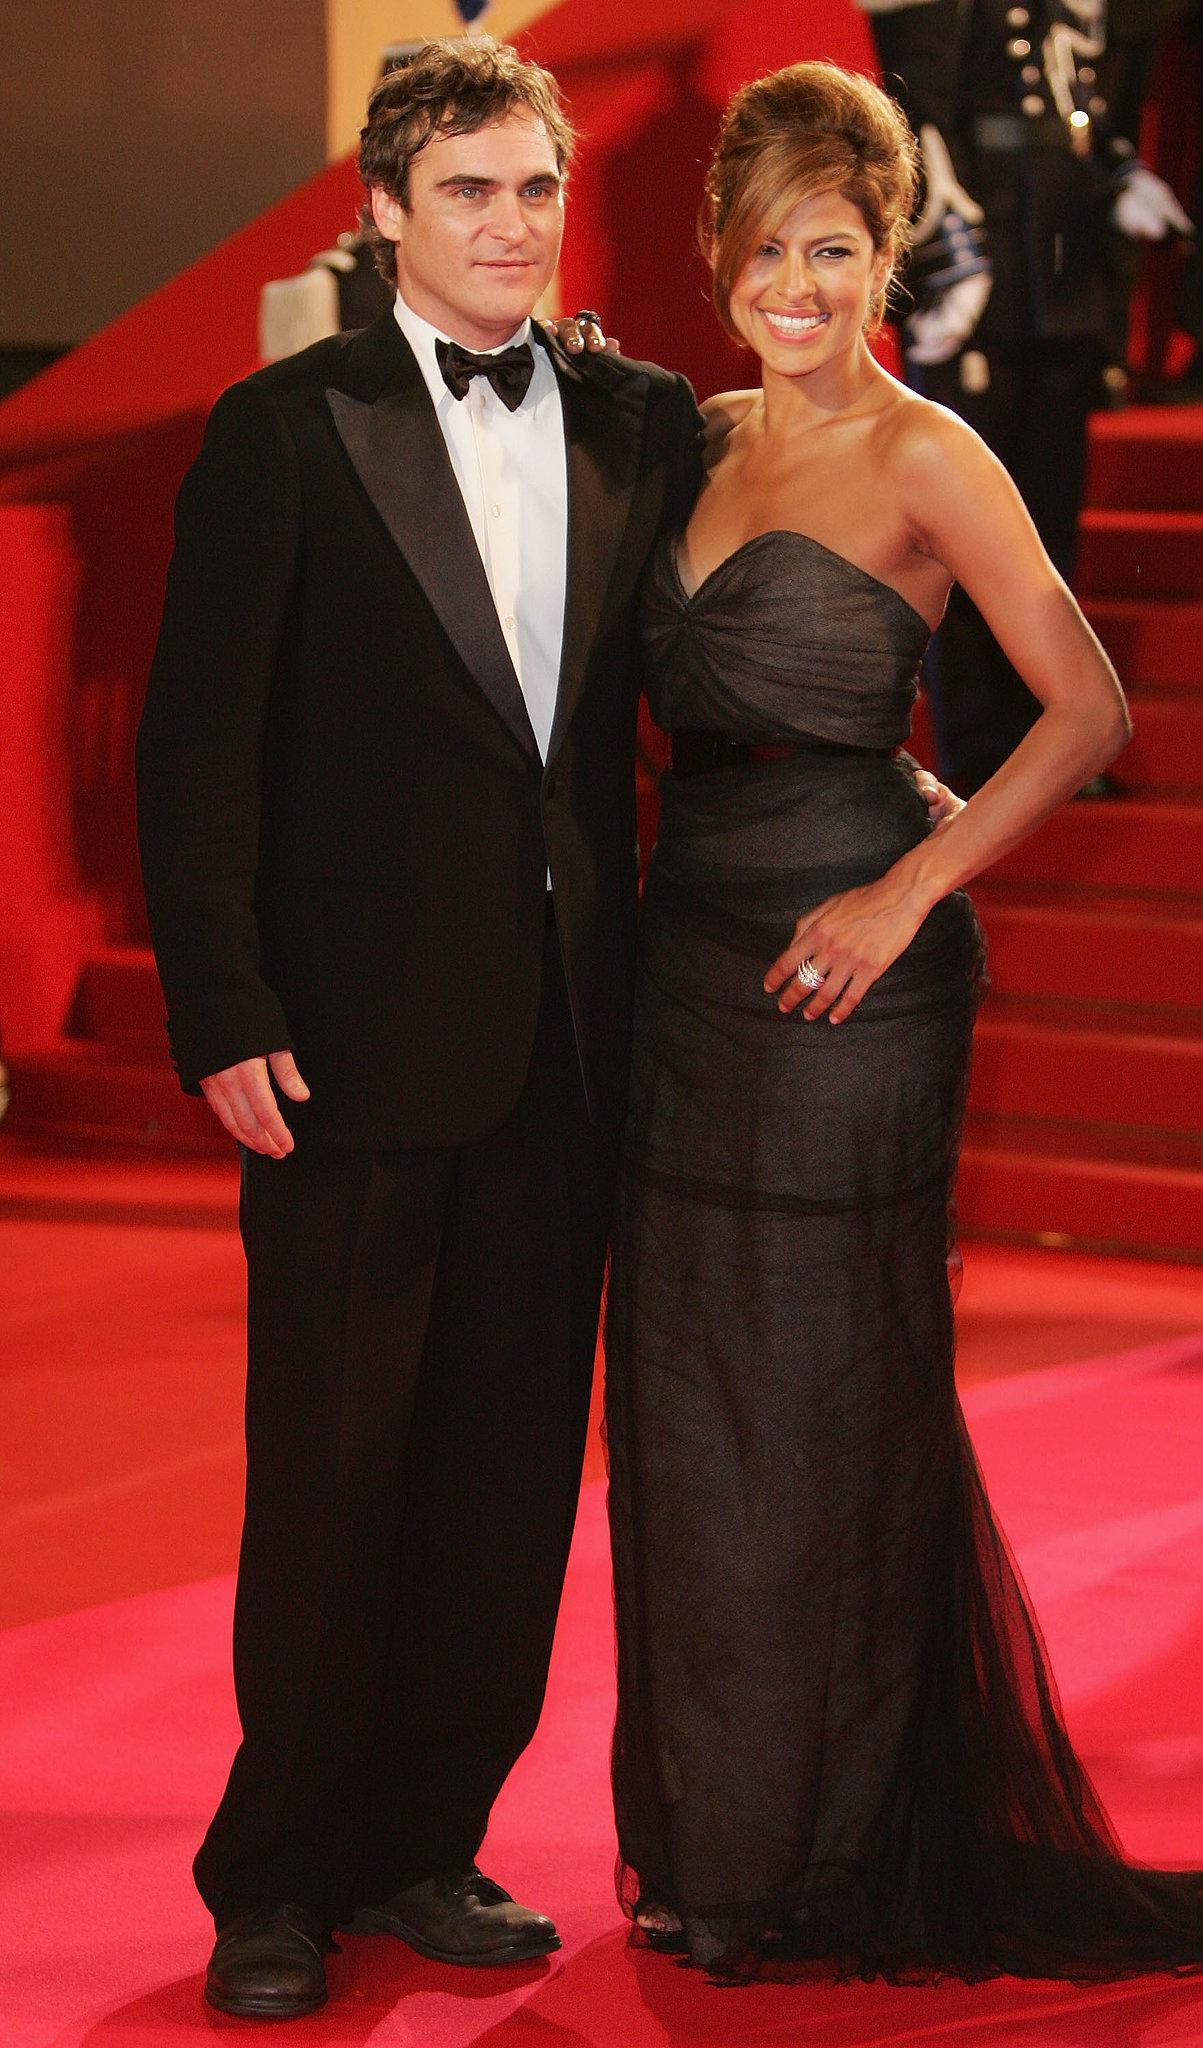 Eva Mendes and Joaquin Phoenix got